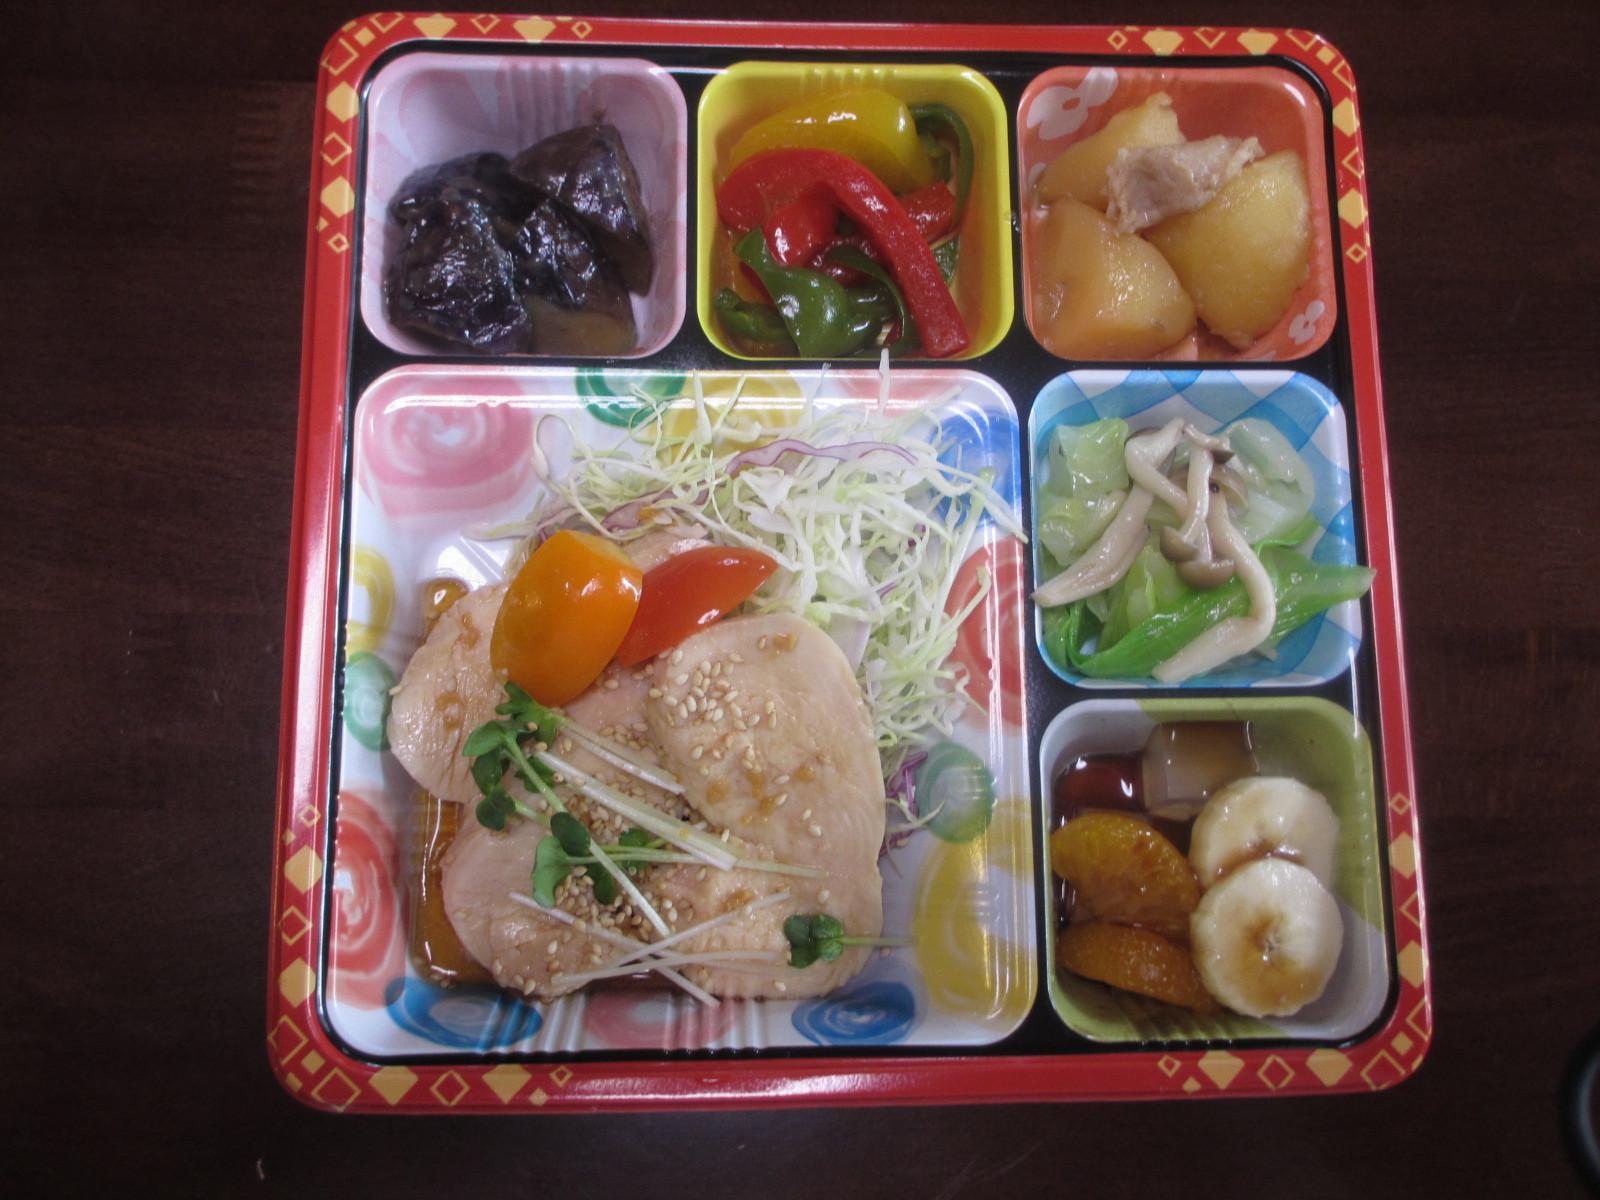 野菜の高値が続く中、欲しい野菜を手に入れるのは至難の業(^^;